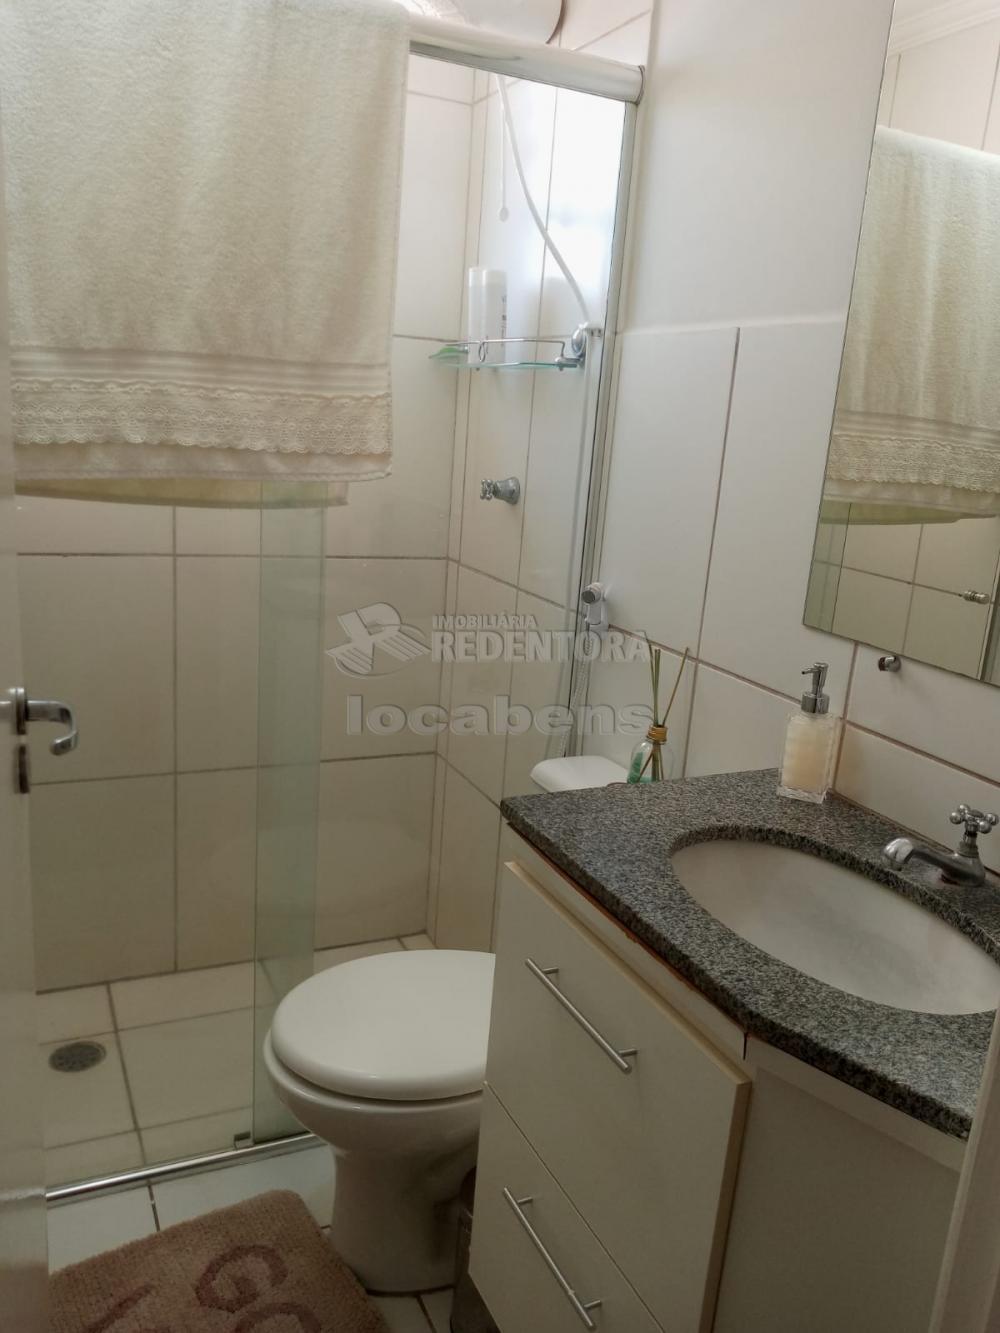 Comprar Apartamento / Padrão em São José do Rio Preto apenas R$ 295.000,00 - Foto 11